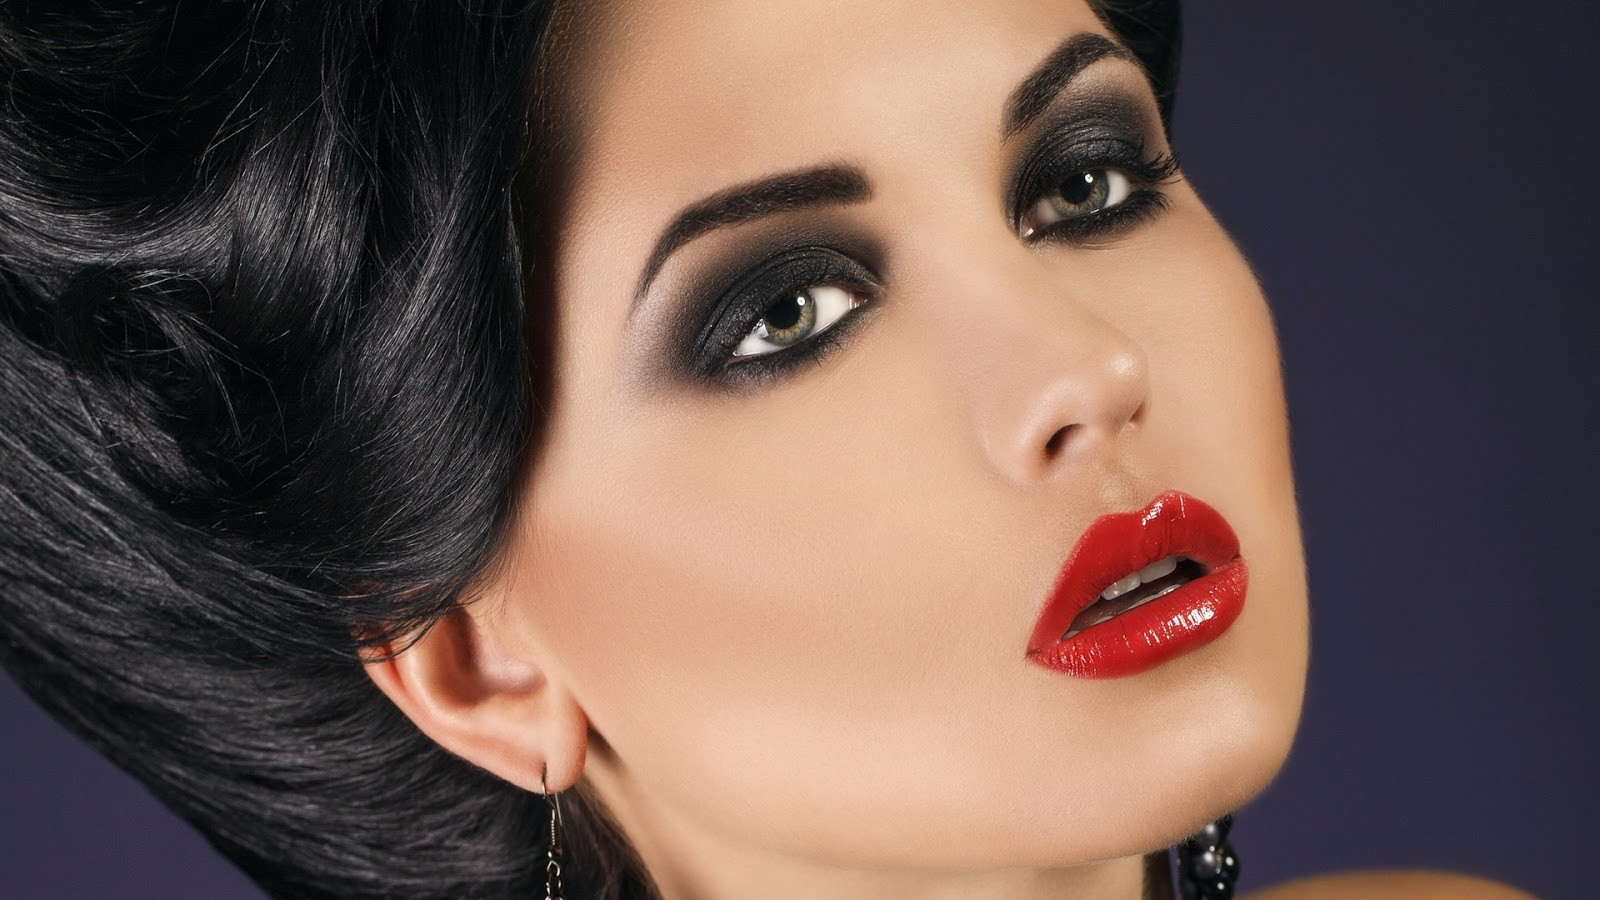 Что таят женщины заярким макияжем